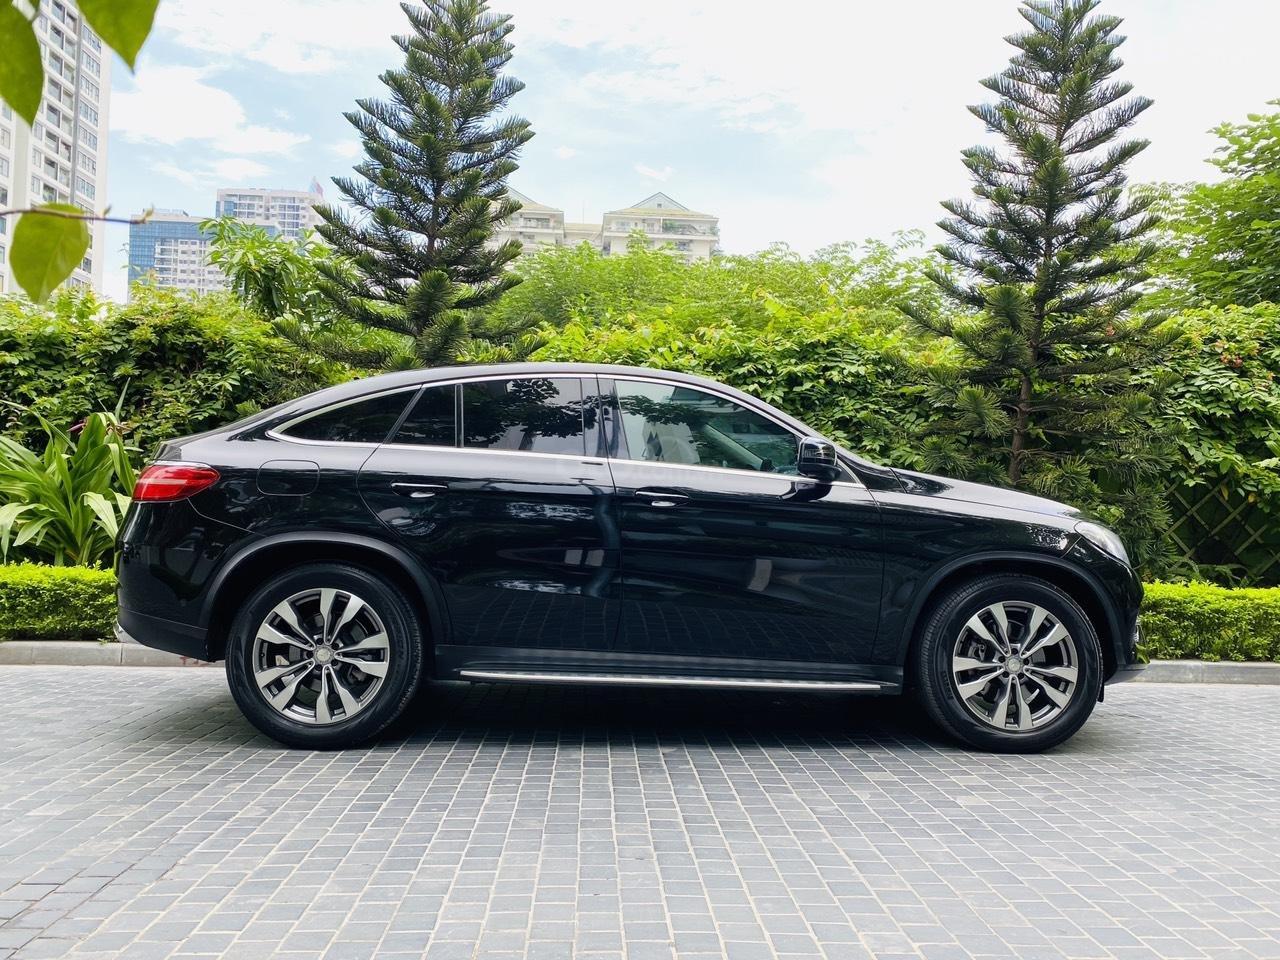 Bán ô tô Mercedes GLE Couple sản xuất 2016 nhập khẩu (4)